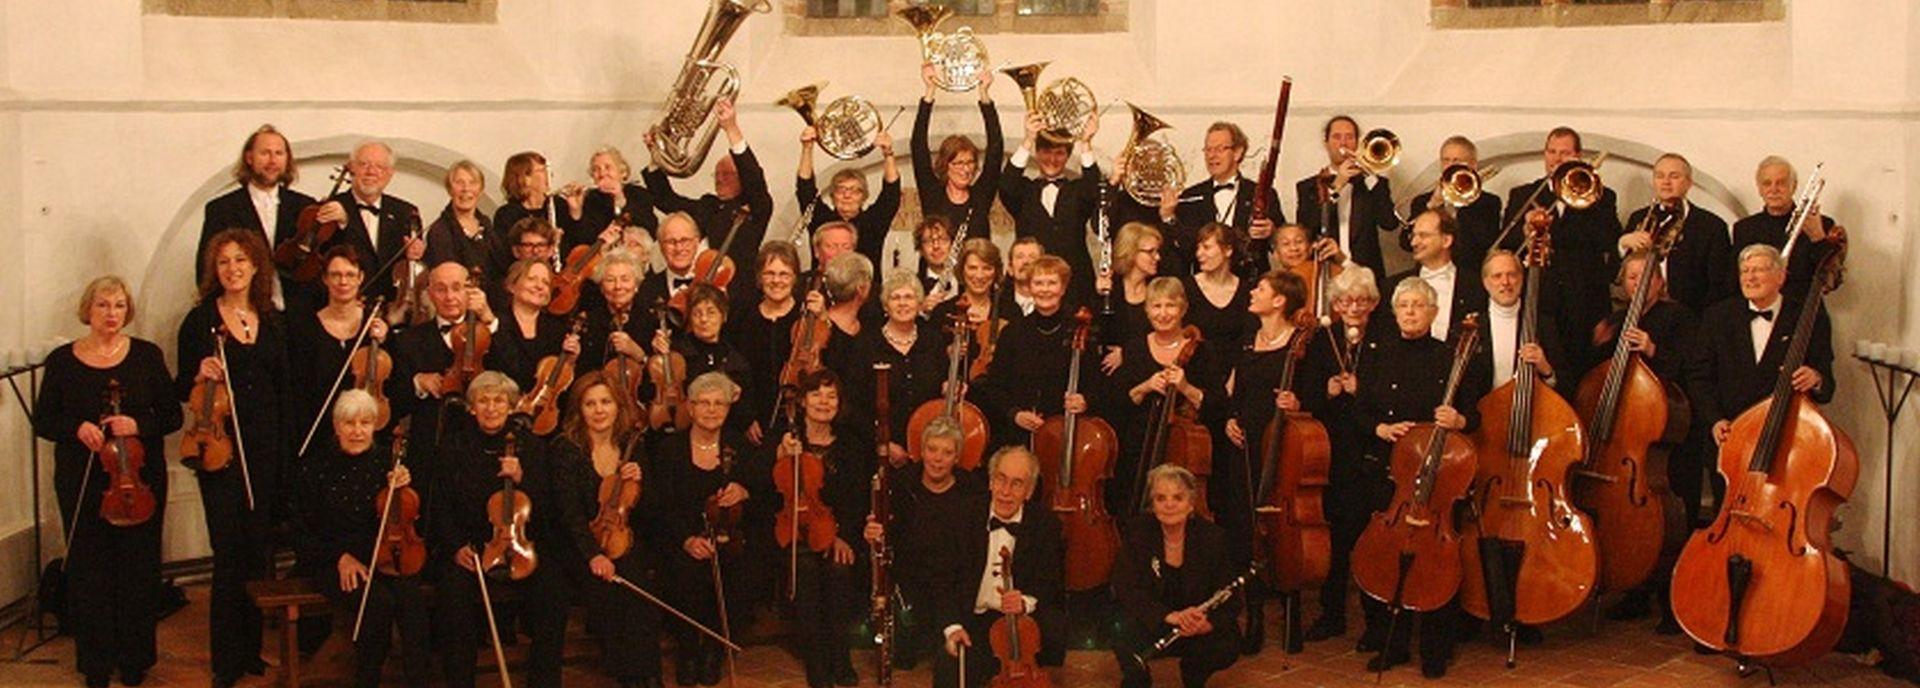 Drents Symfonie Orkest - De Gelaarsde Kat